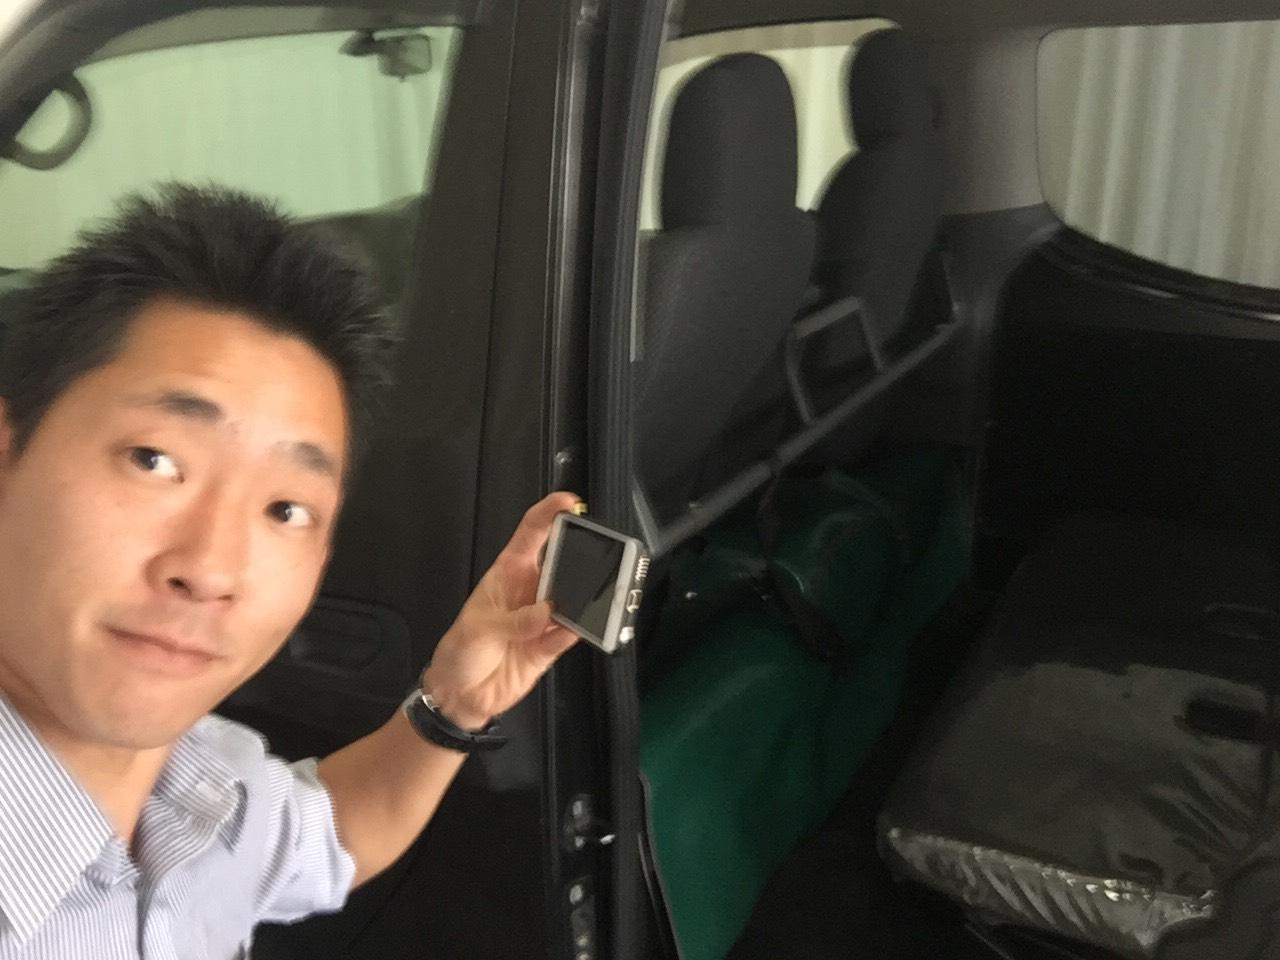 8月30日 水曜日のひとログヽ( 'ω' )ノ キャンピングカー・バスもレンタルできます♬TOMMY_b0127002_17242678.jpg